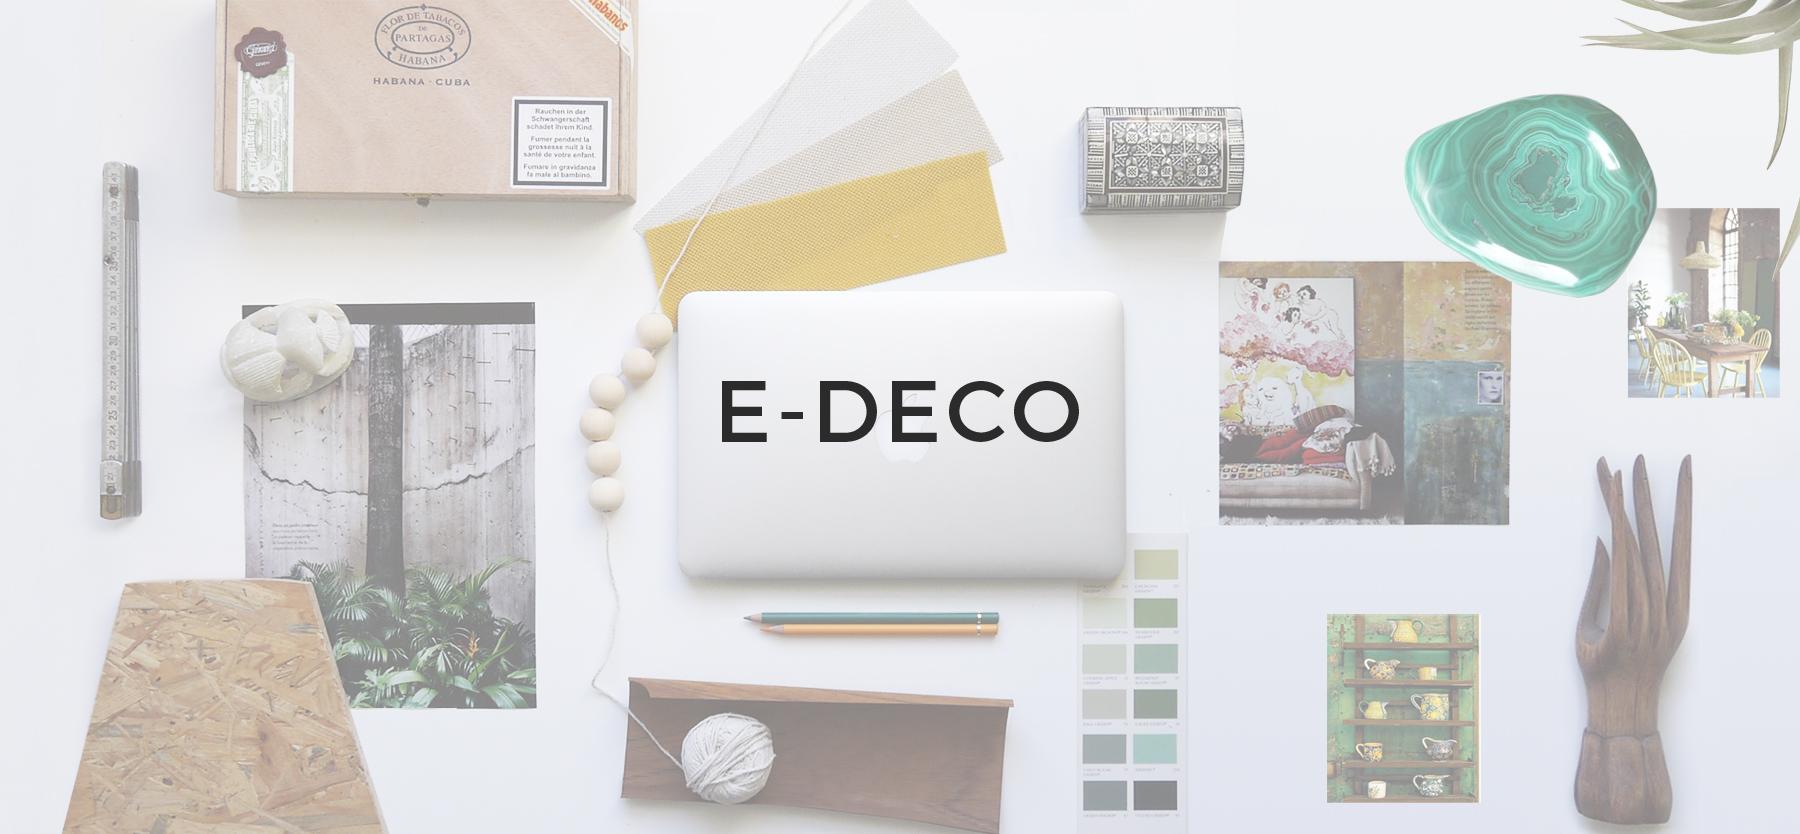 Moodboard, planche d'inspiration de décoration jaune et verte